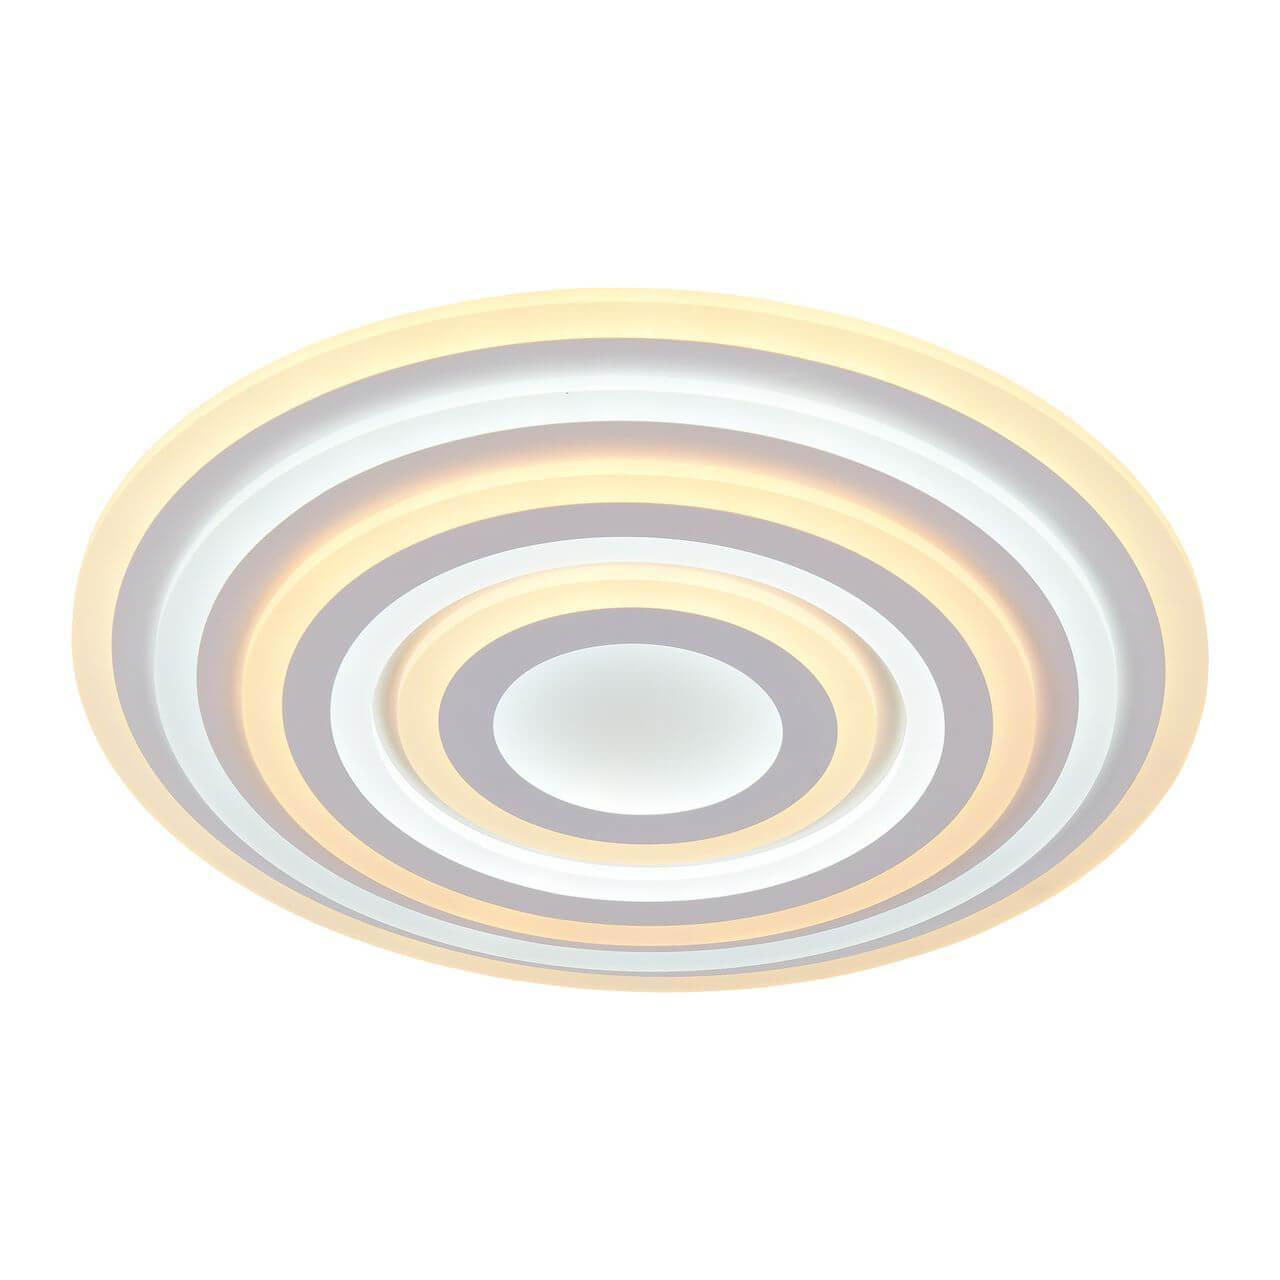 Потолочный светильник Omnilux OML-06407-90, LED, 90 Вт